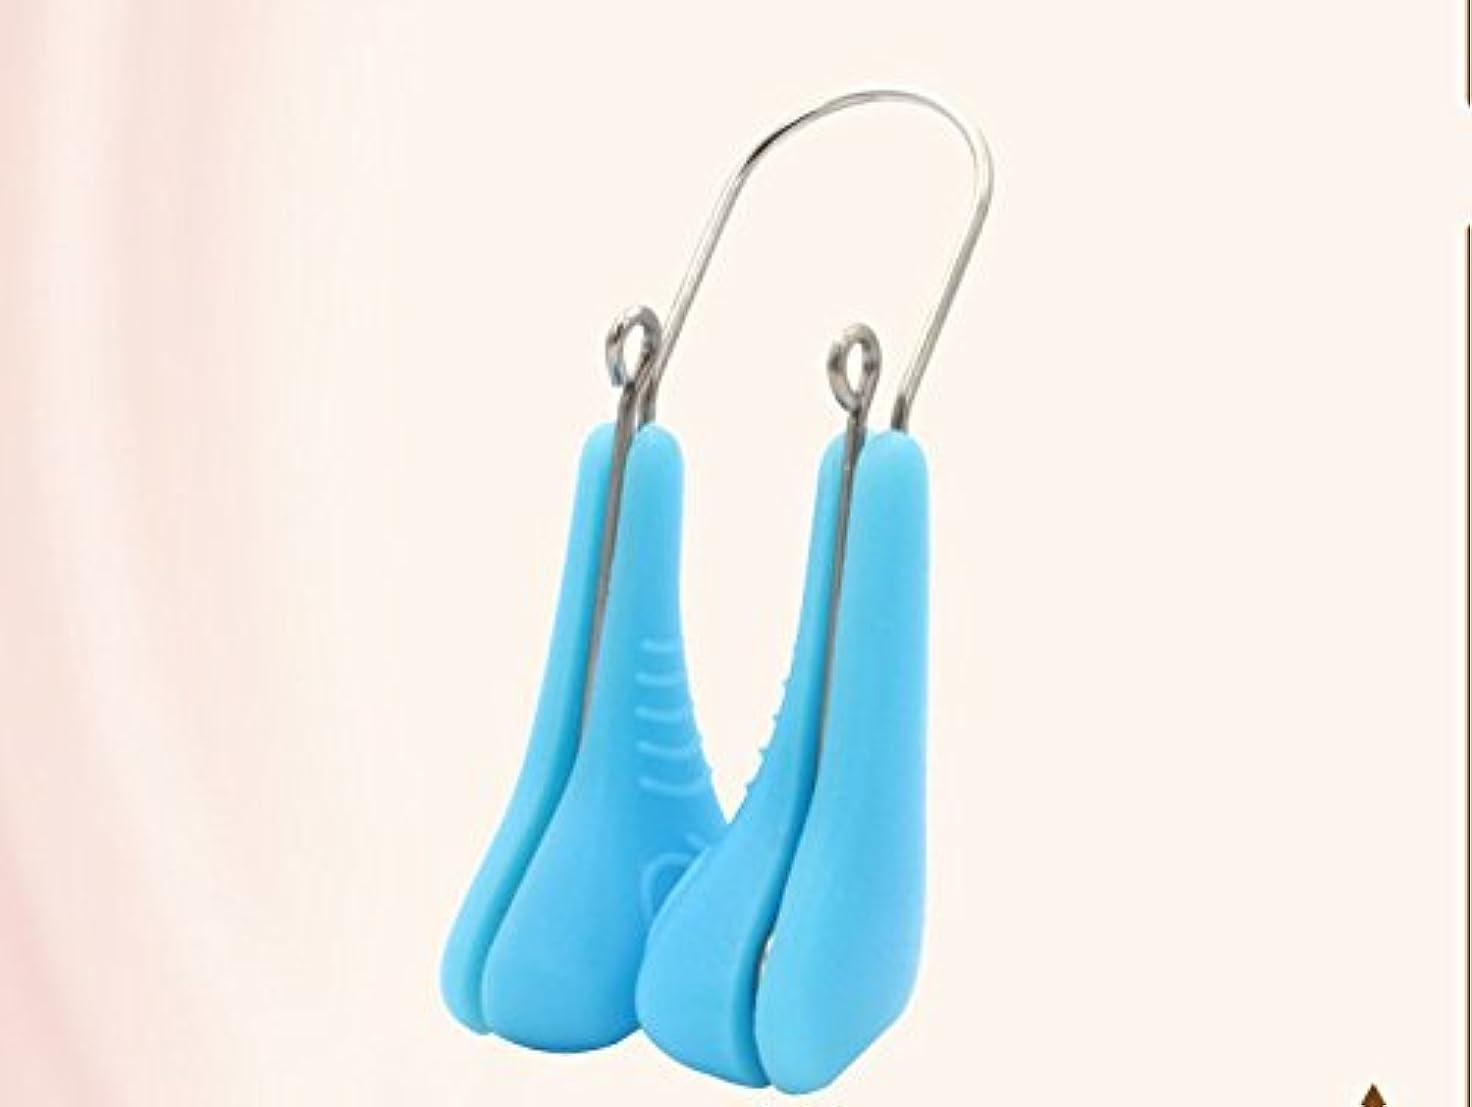 相談知恵冊子Liebeye ノーズアップ ノーズクリップ 美容ツール ノーズ整形 プラスチック 女性 ブルー